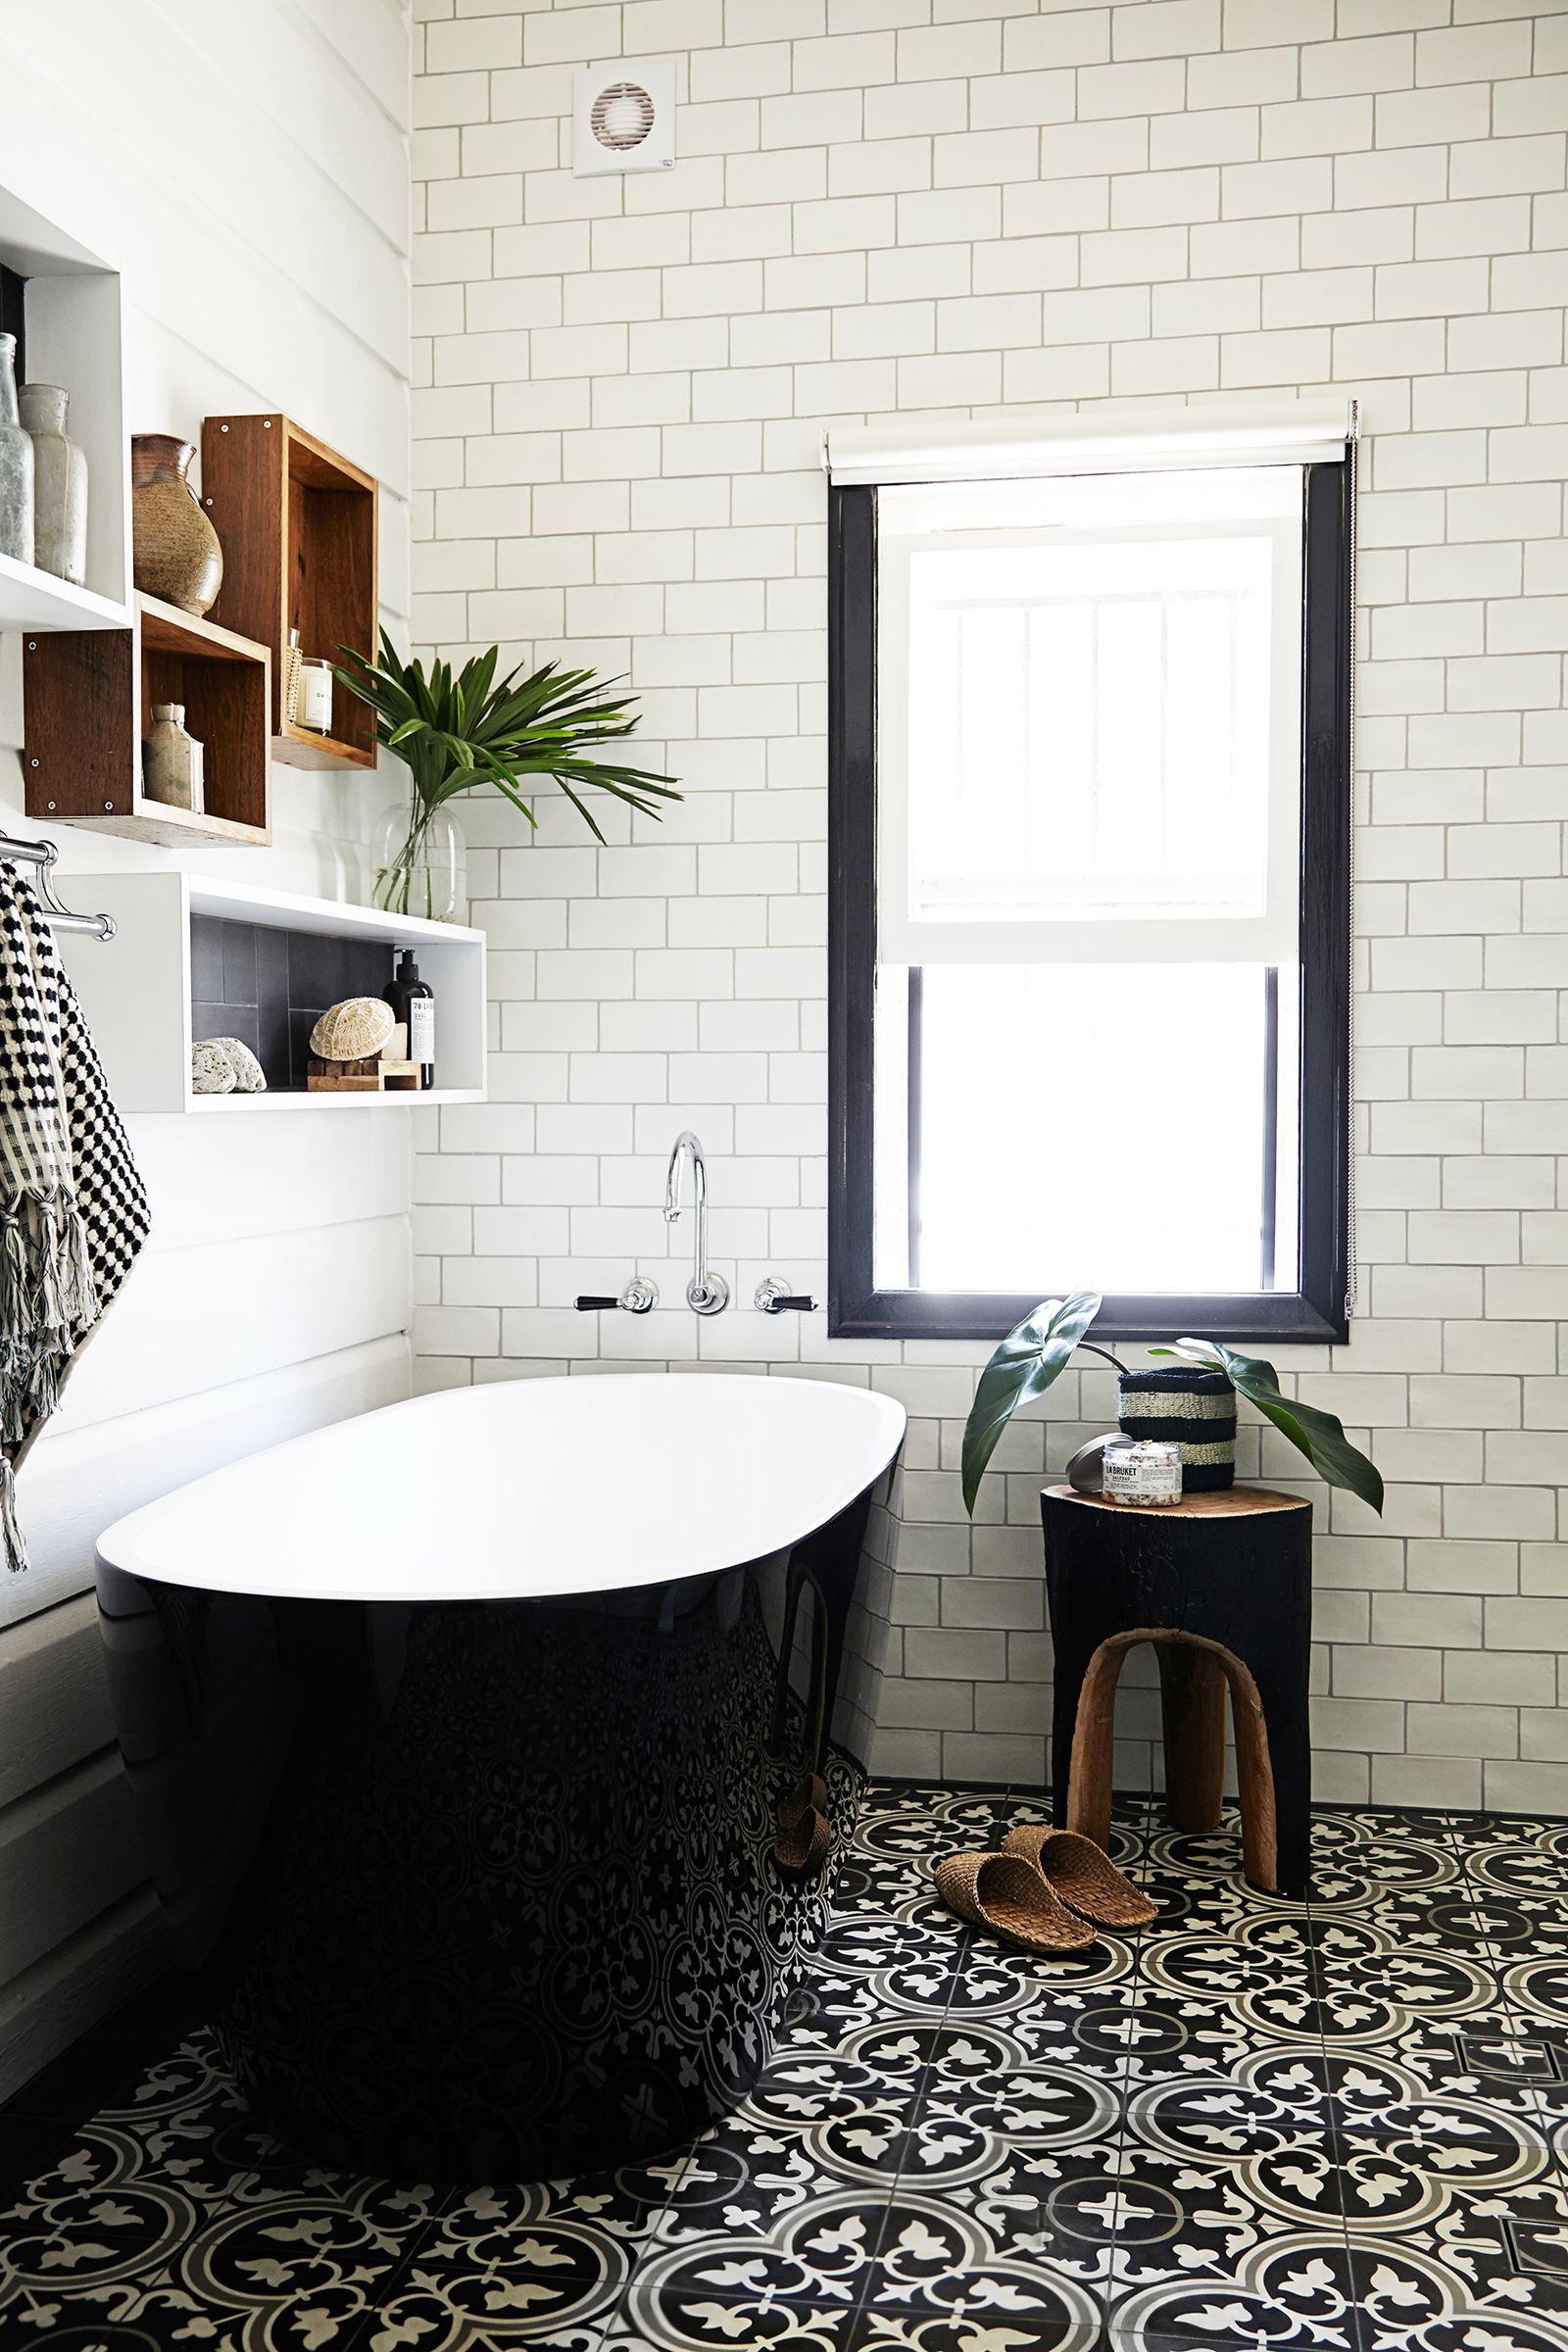 Brisbane Cottage Eco-Bathroom Renovation   Pinterest   Target, Bath ...